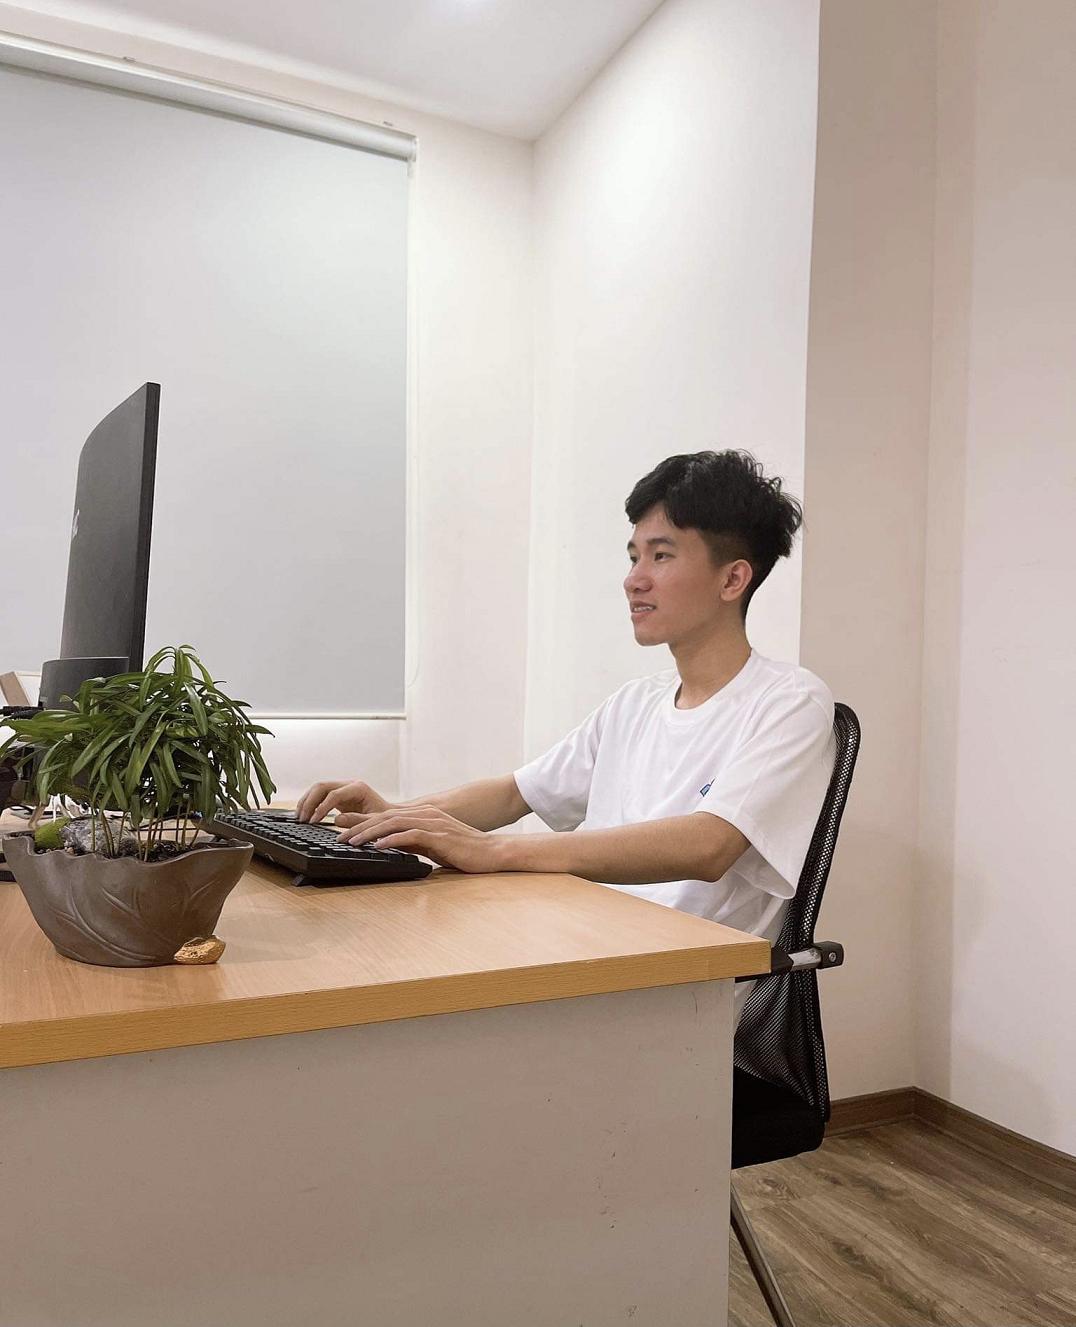 Chân dung CEO Nguyễn Văn Hiếu từ hai bàn tay trắng đi vươn lên thành công - Ảnh 4